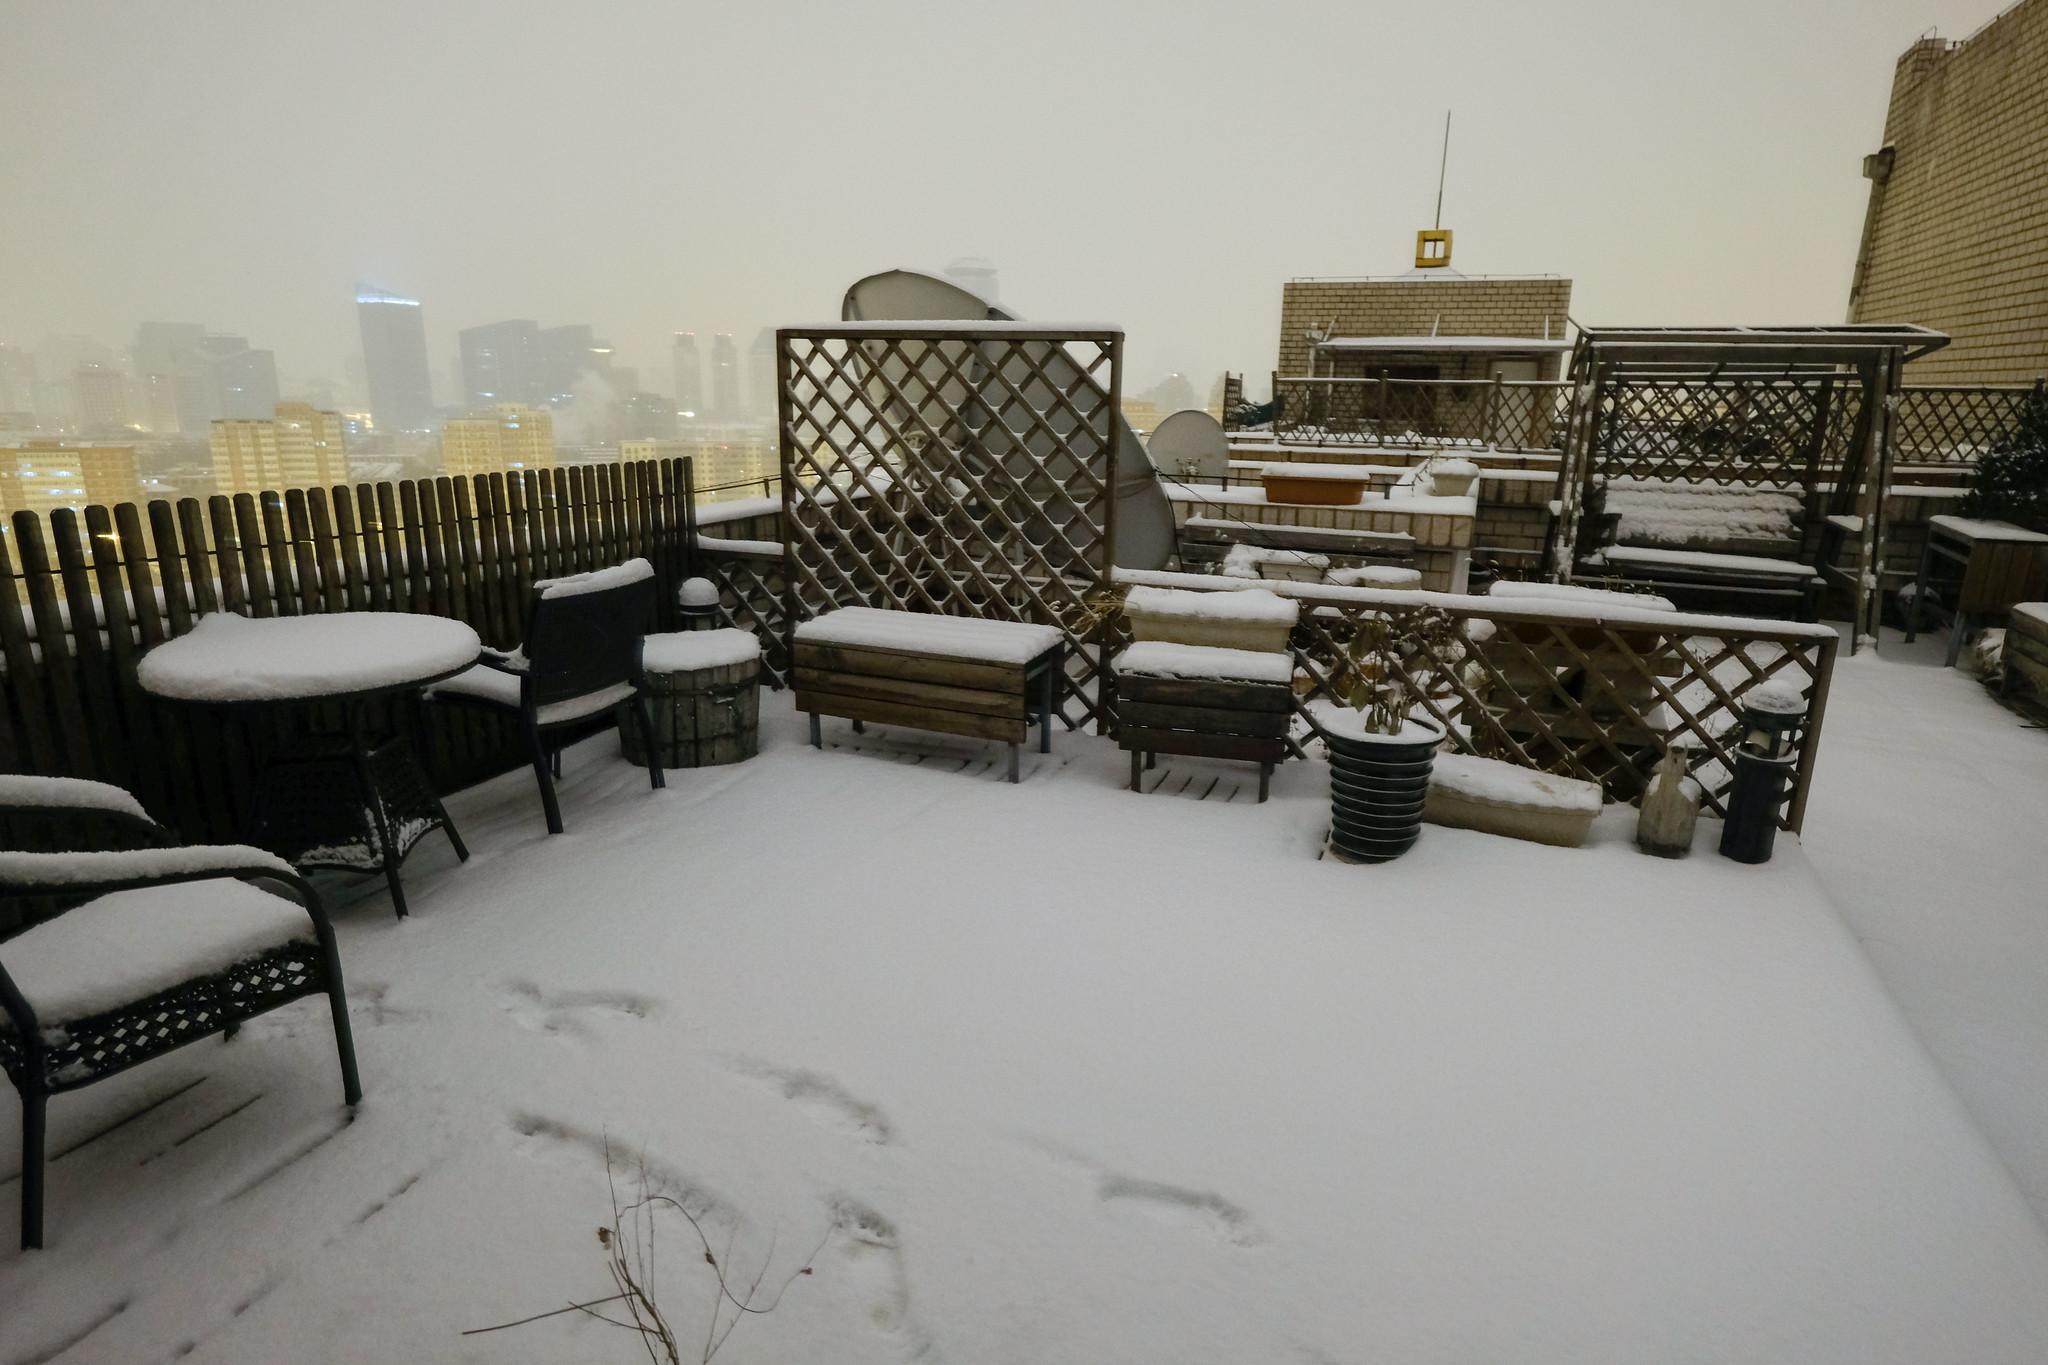 schnee-rooftop0